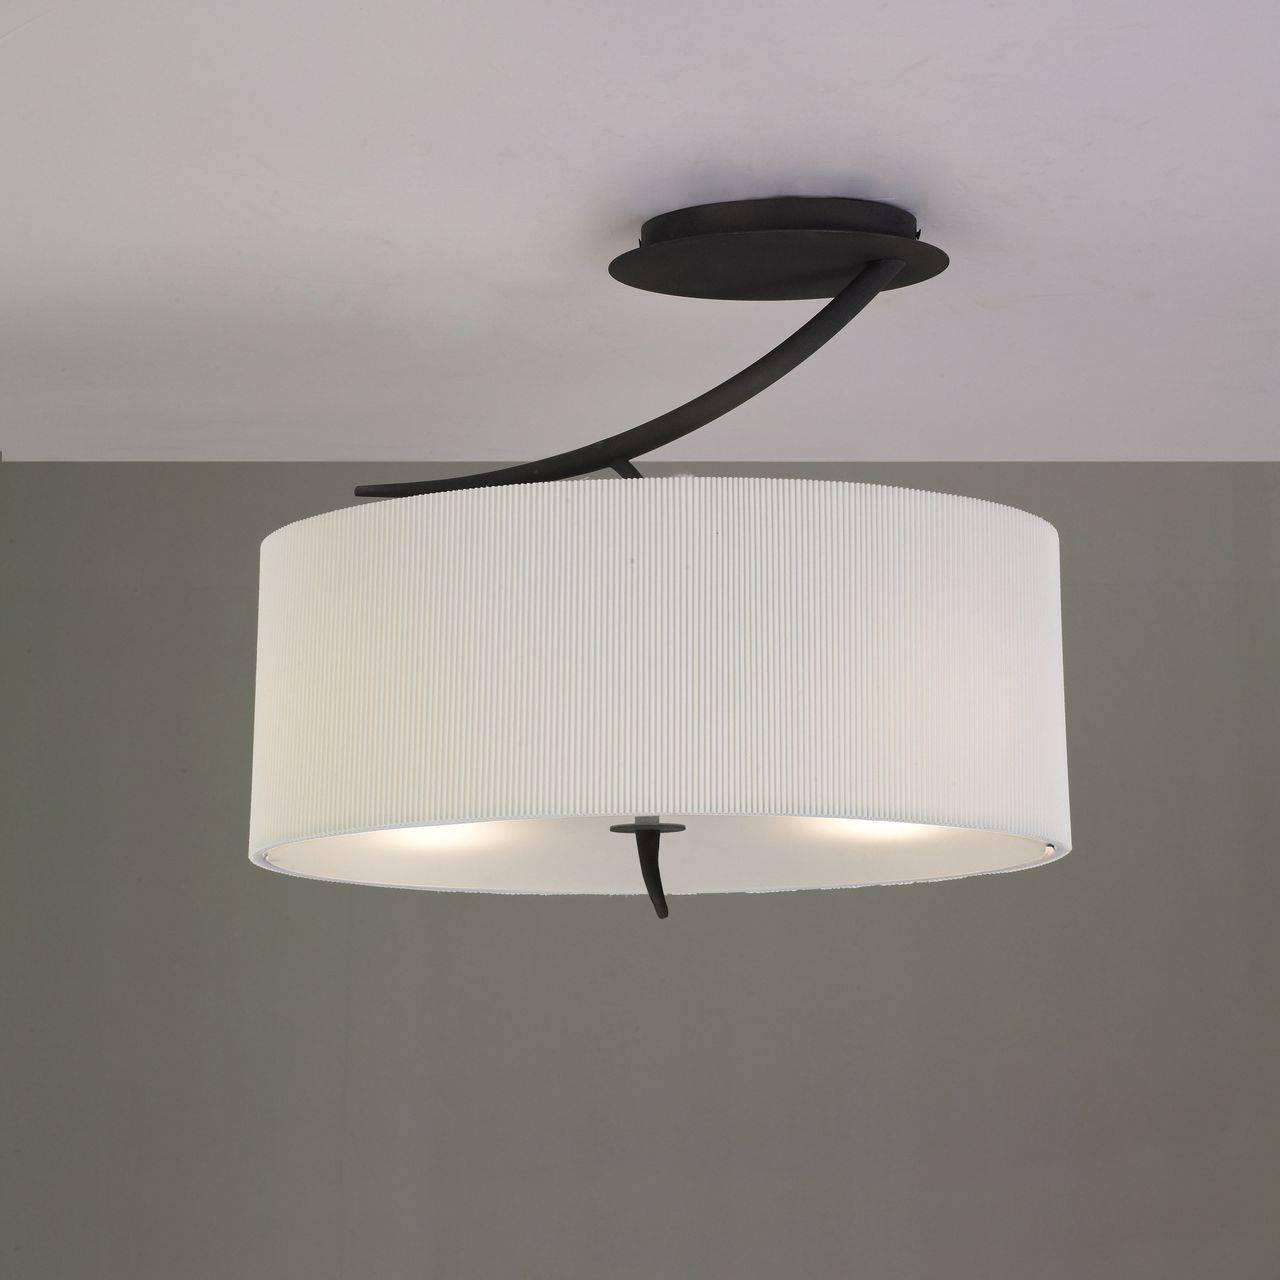 Потолочный светильник Mantra Eve 1152 все цены